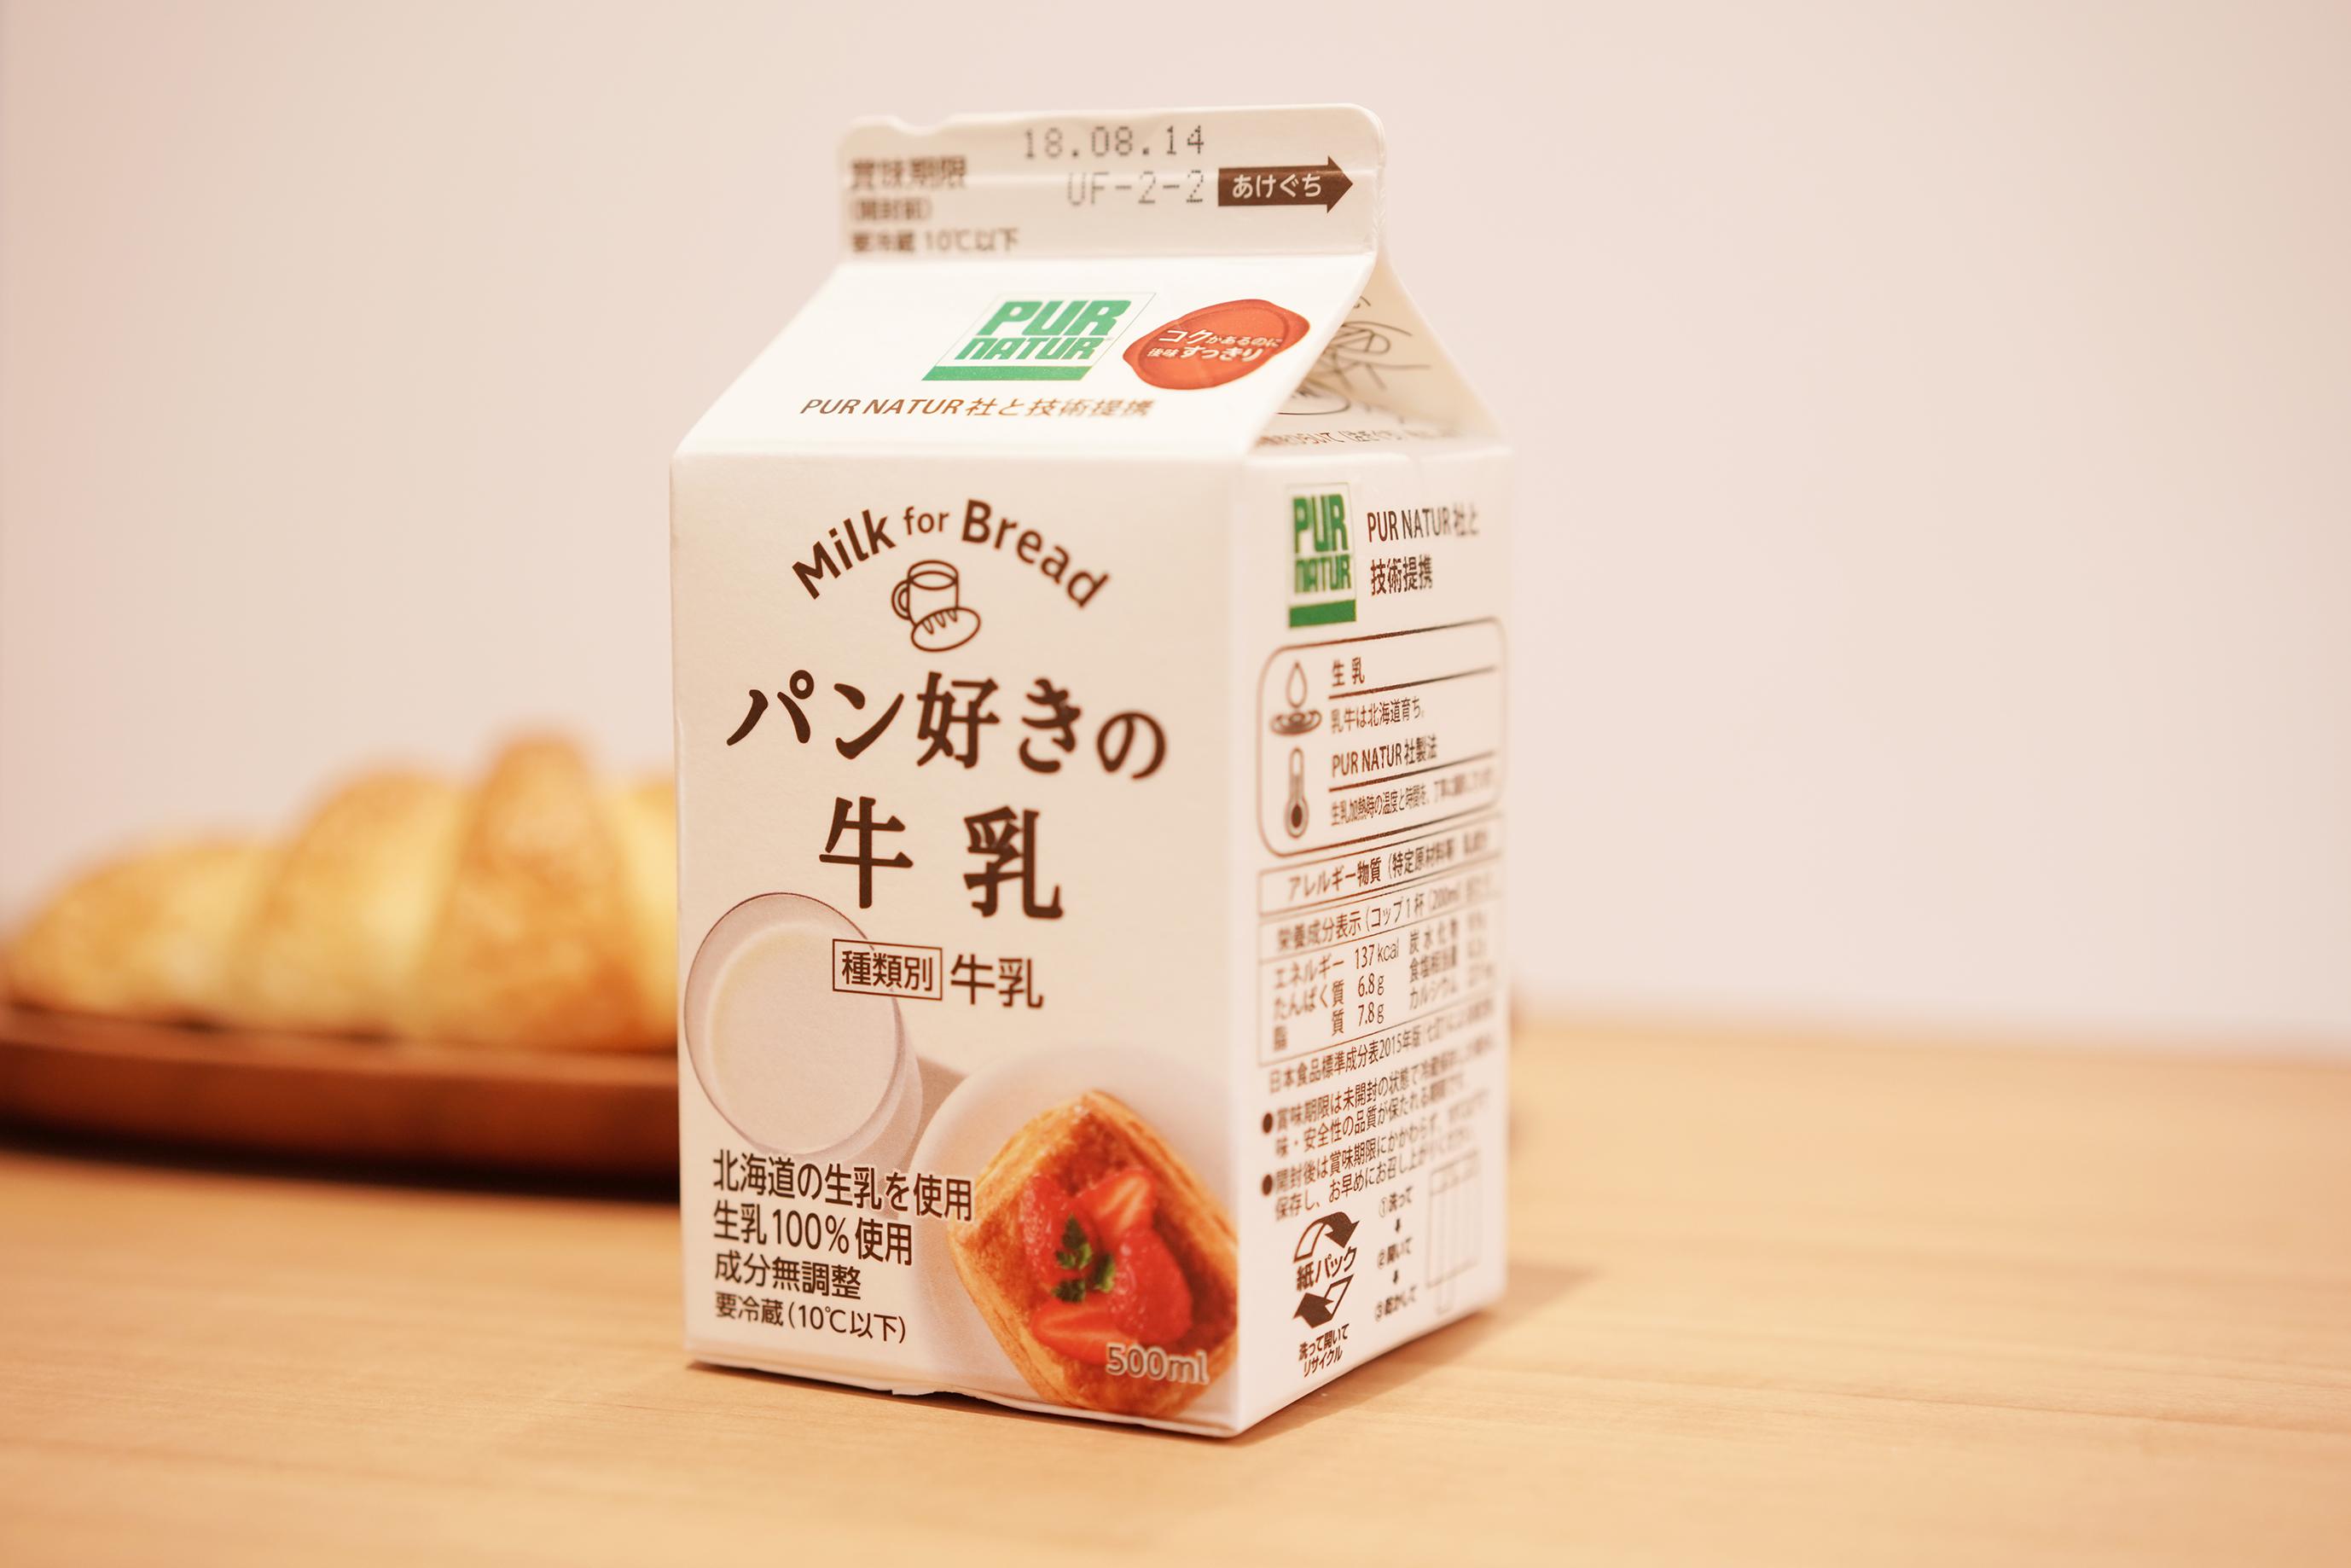 パン好きの牛乳は、牛乳好きの牛乳でもある?